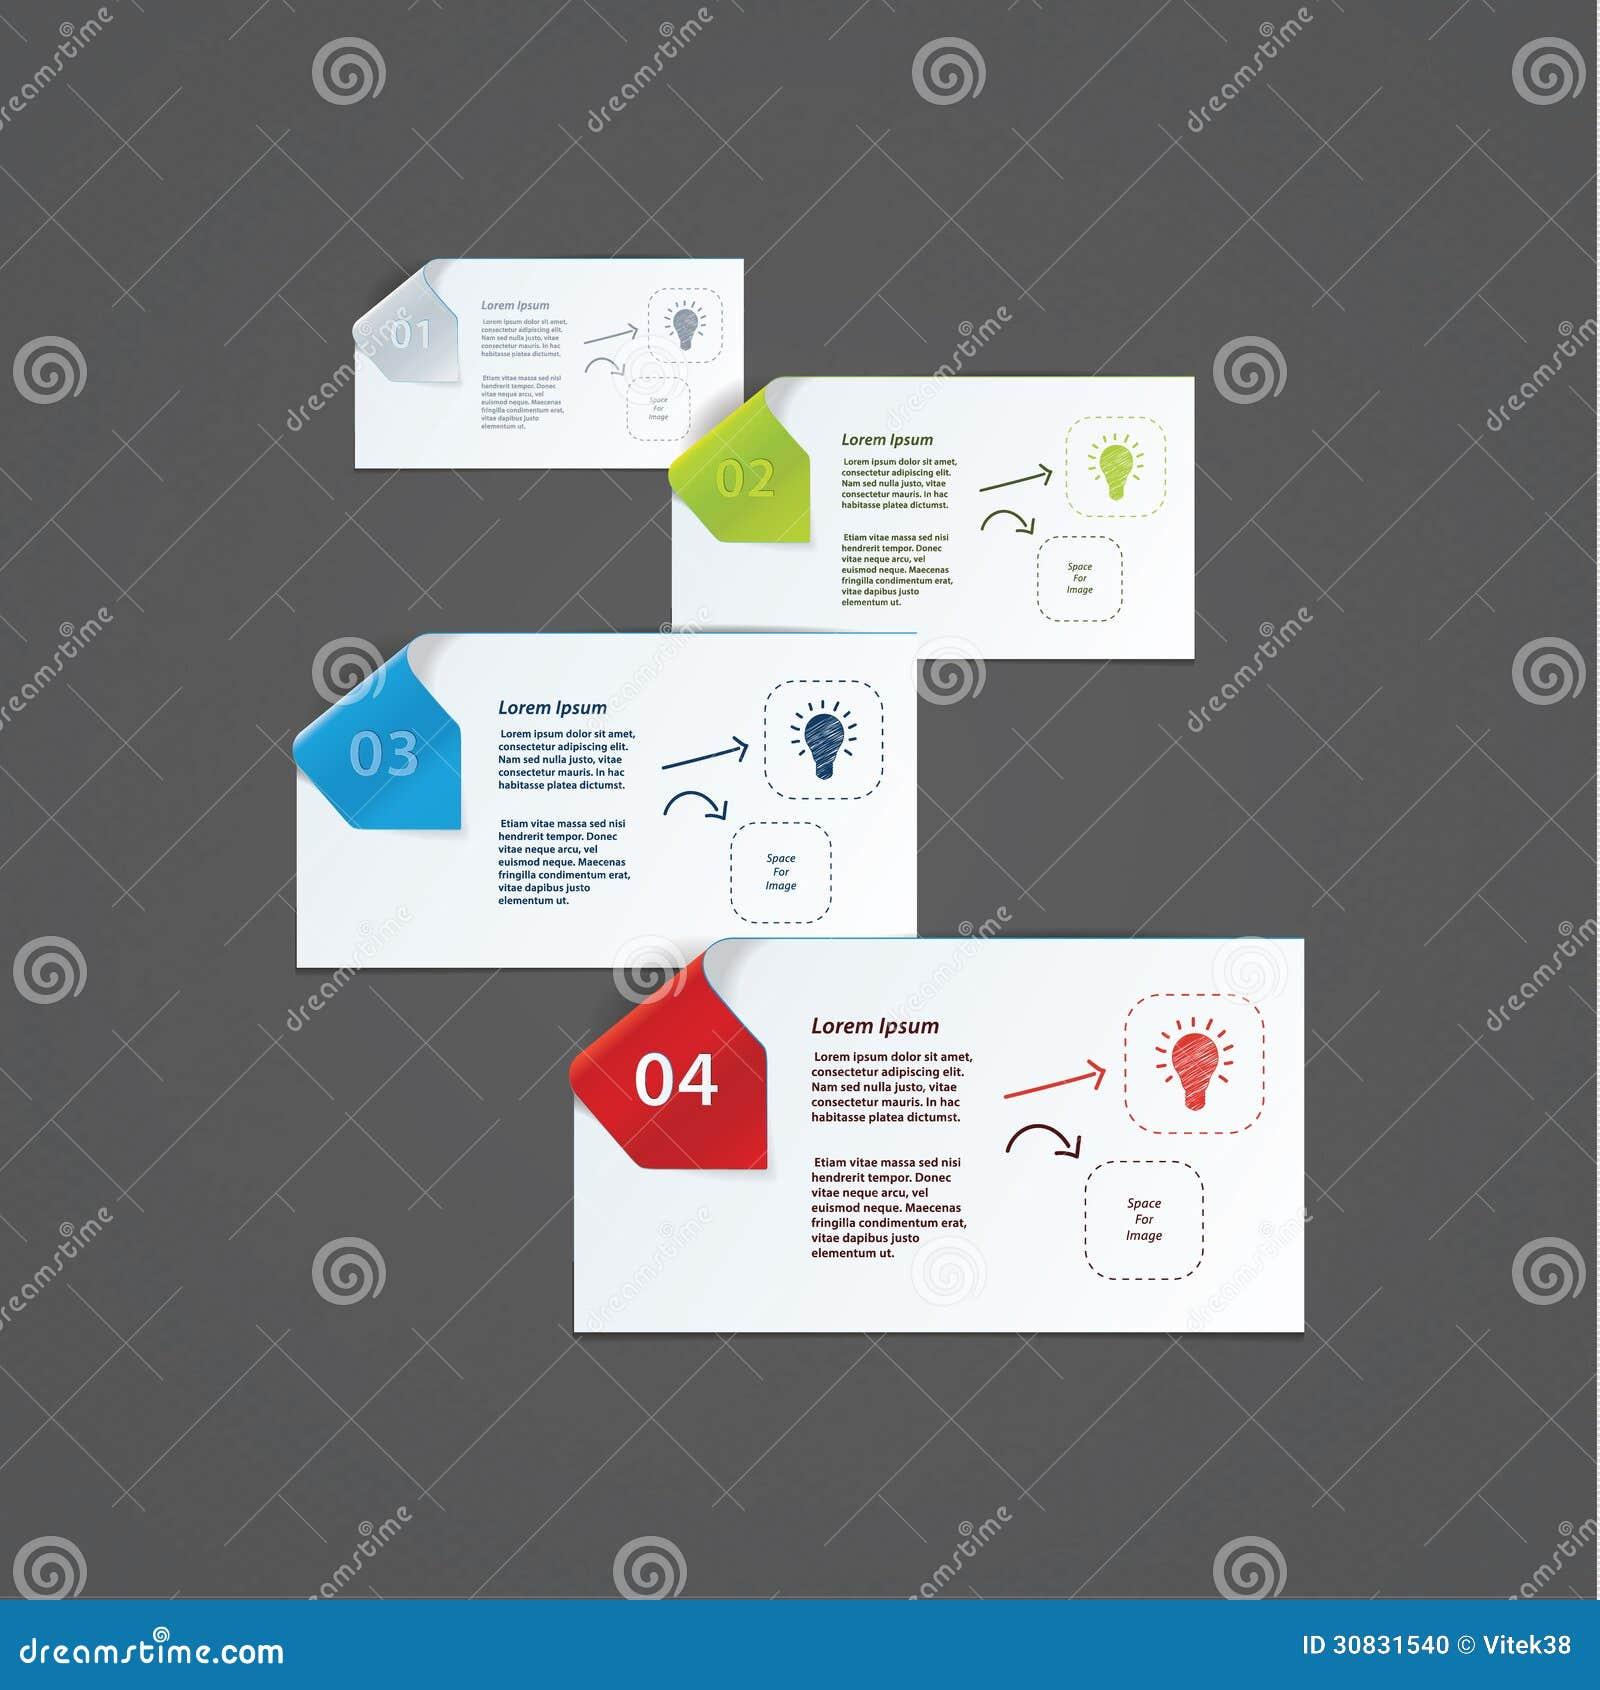 Modello di progettazione moderna di vettore per la presentazione. Carte di carta con